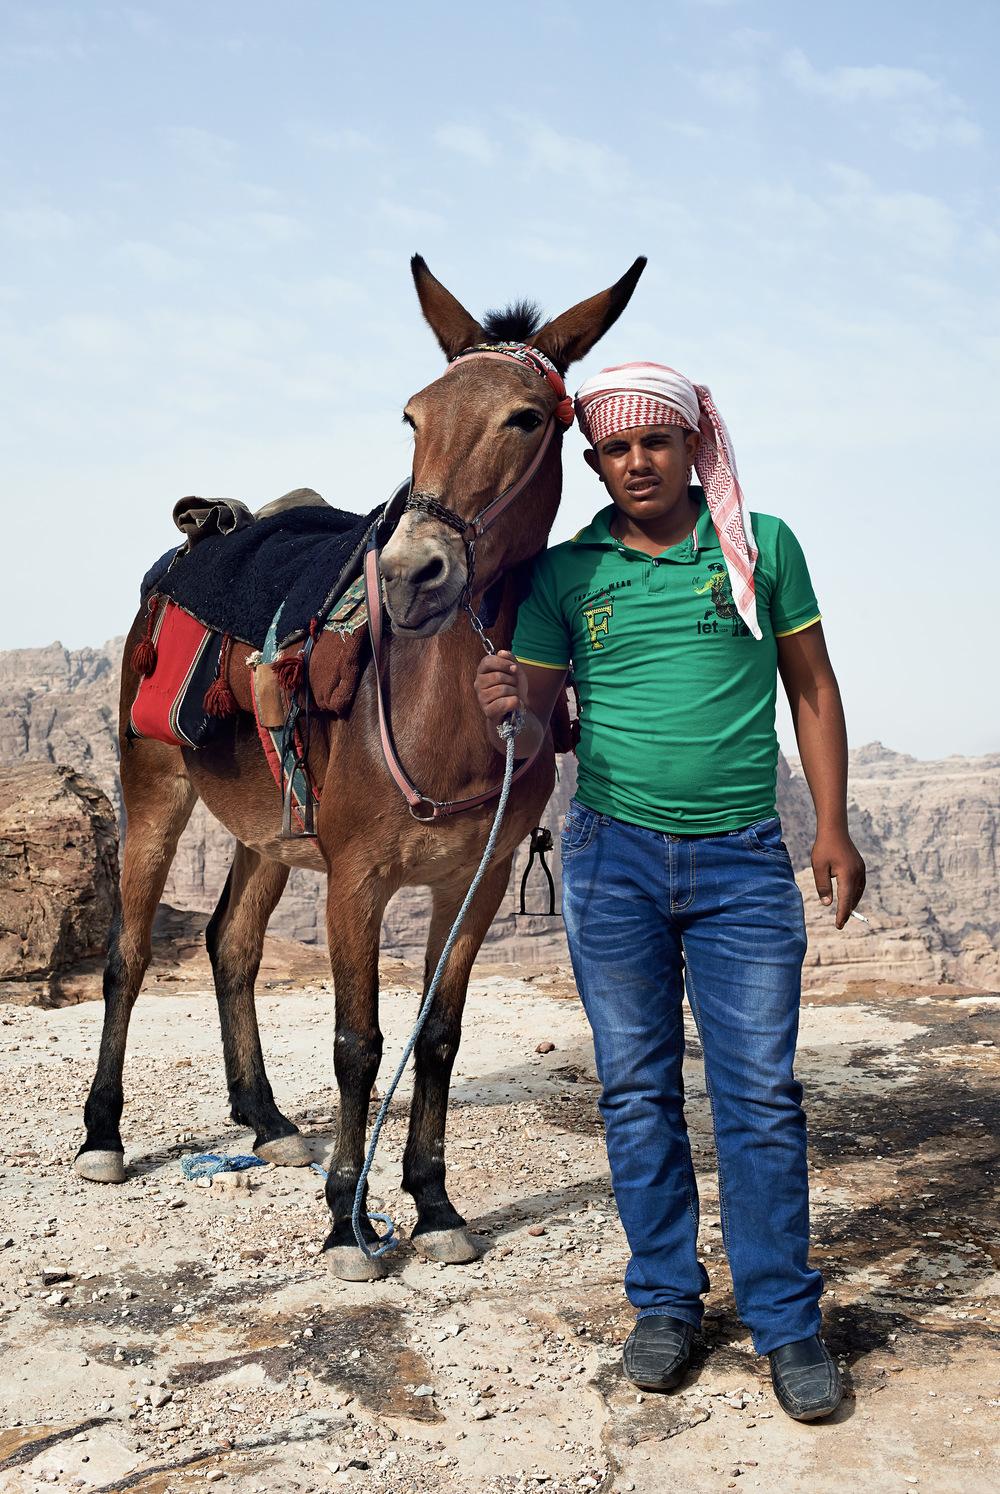 mule-man-portrait.jpg